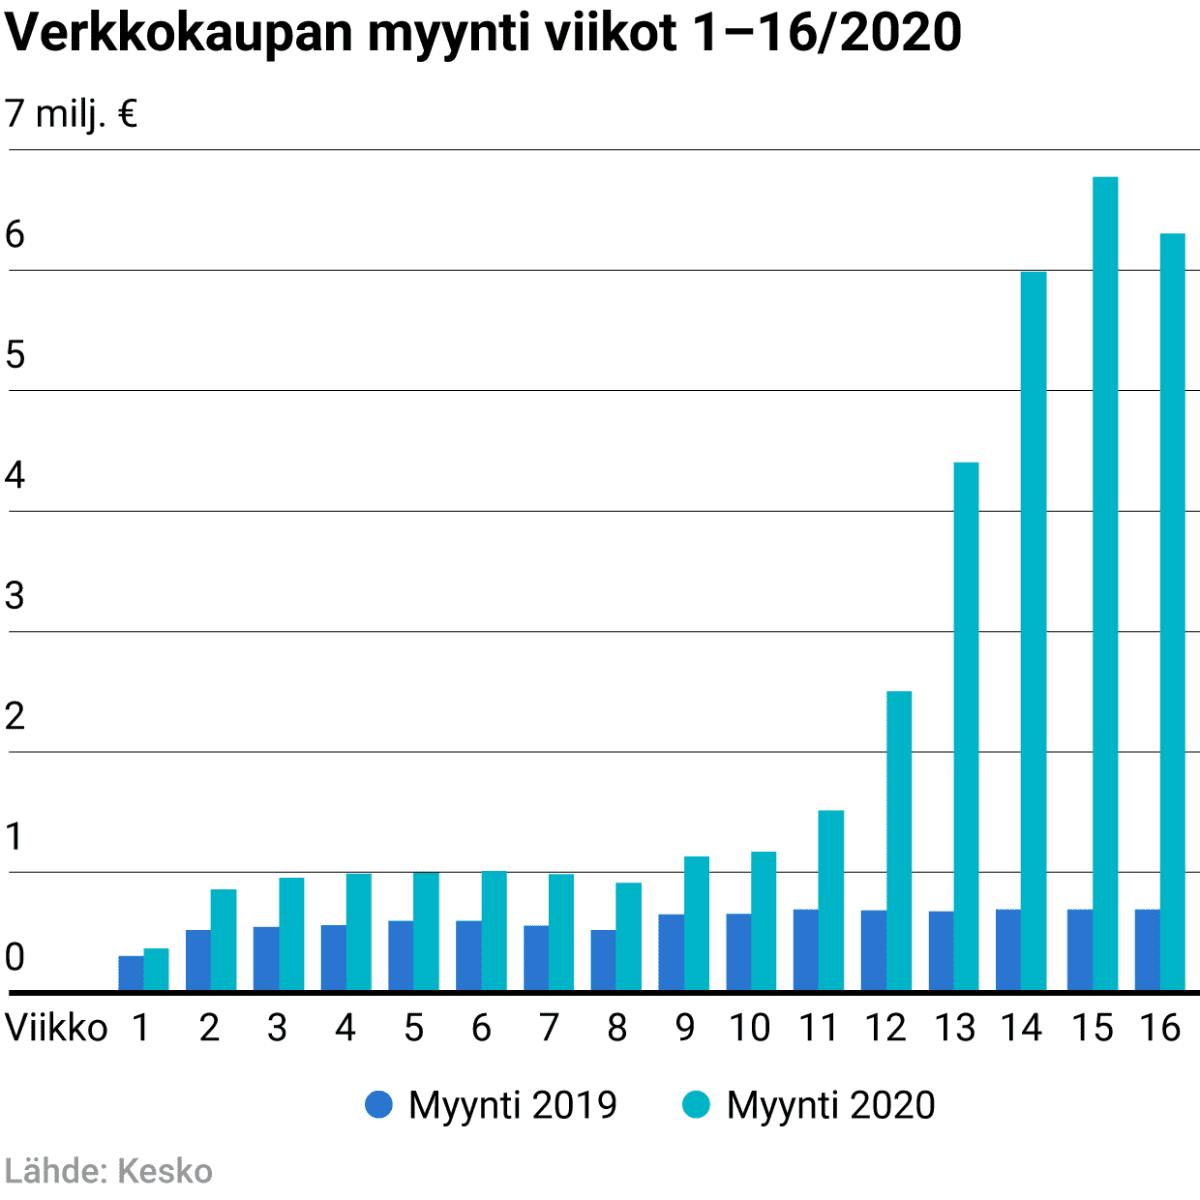 Verkkokaupan myynti viikot 1–16/2020